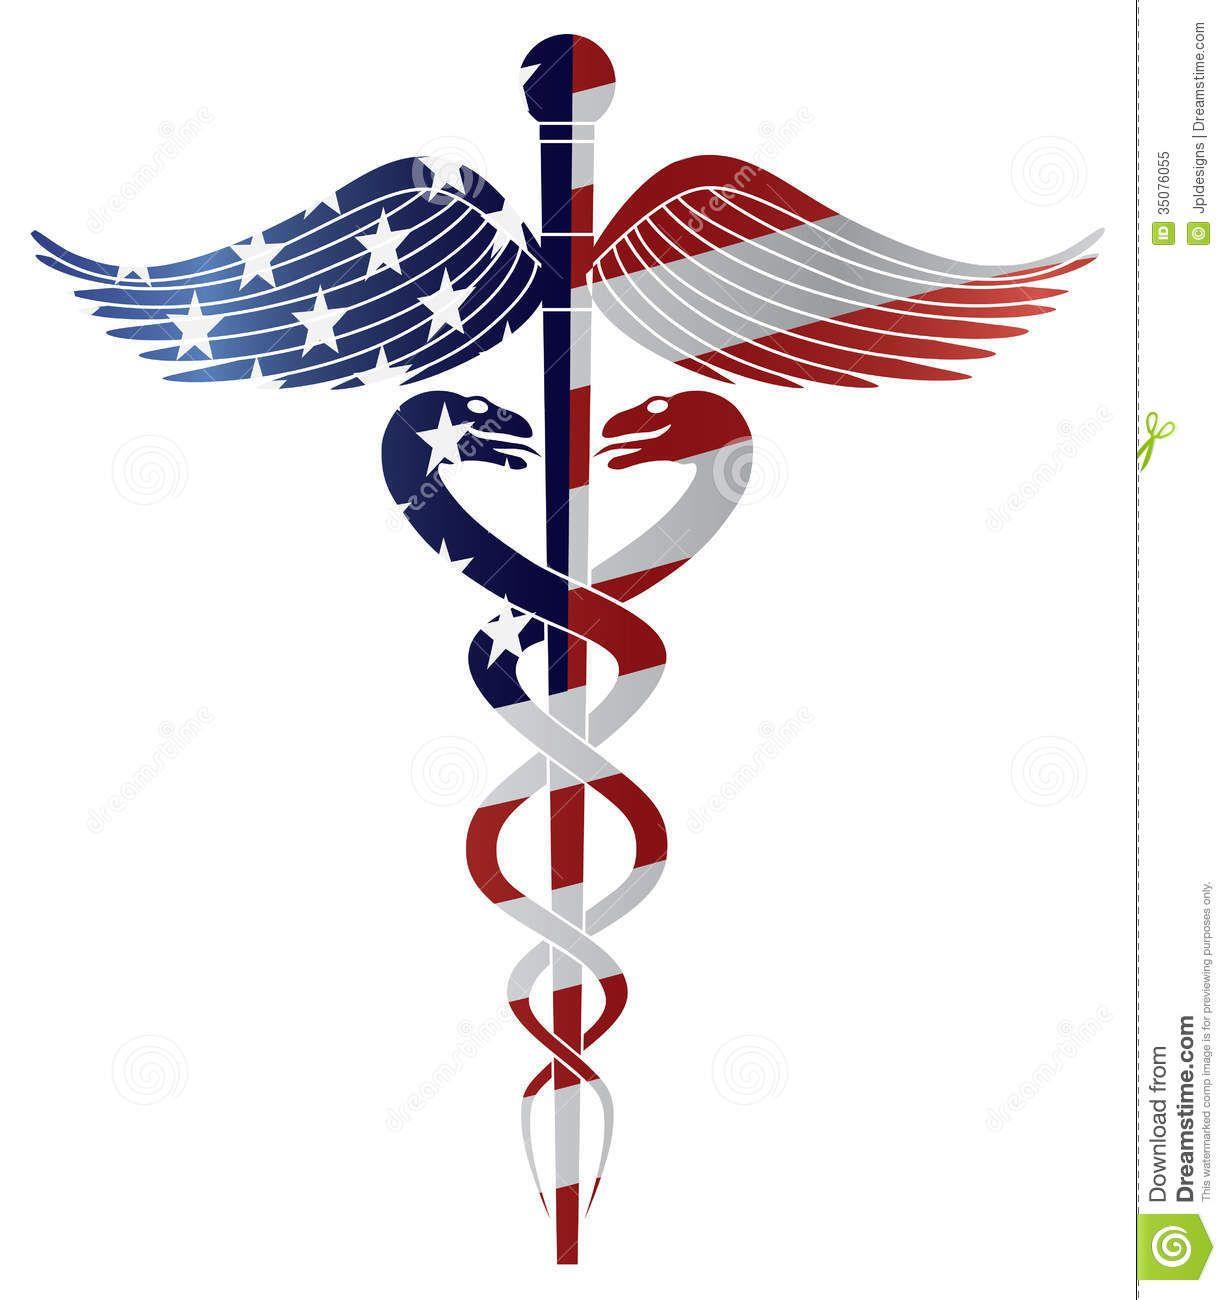 Caduceus medical symbol with usa flag illustration royalty free caduceus medical symbol with usa flag illustration royalty free biocorpaavc Images